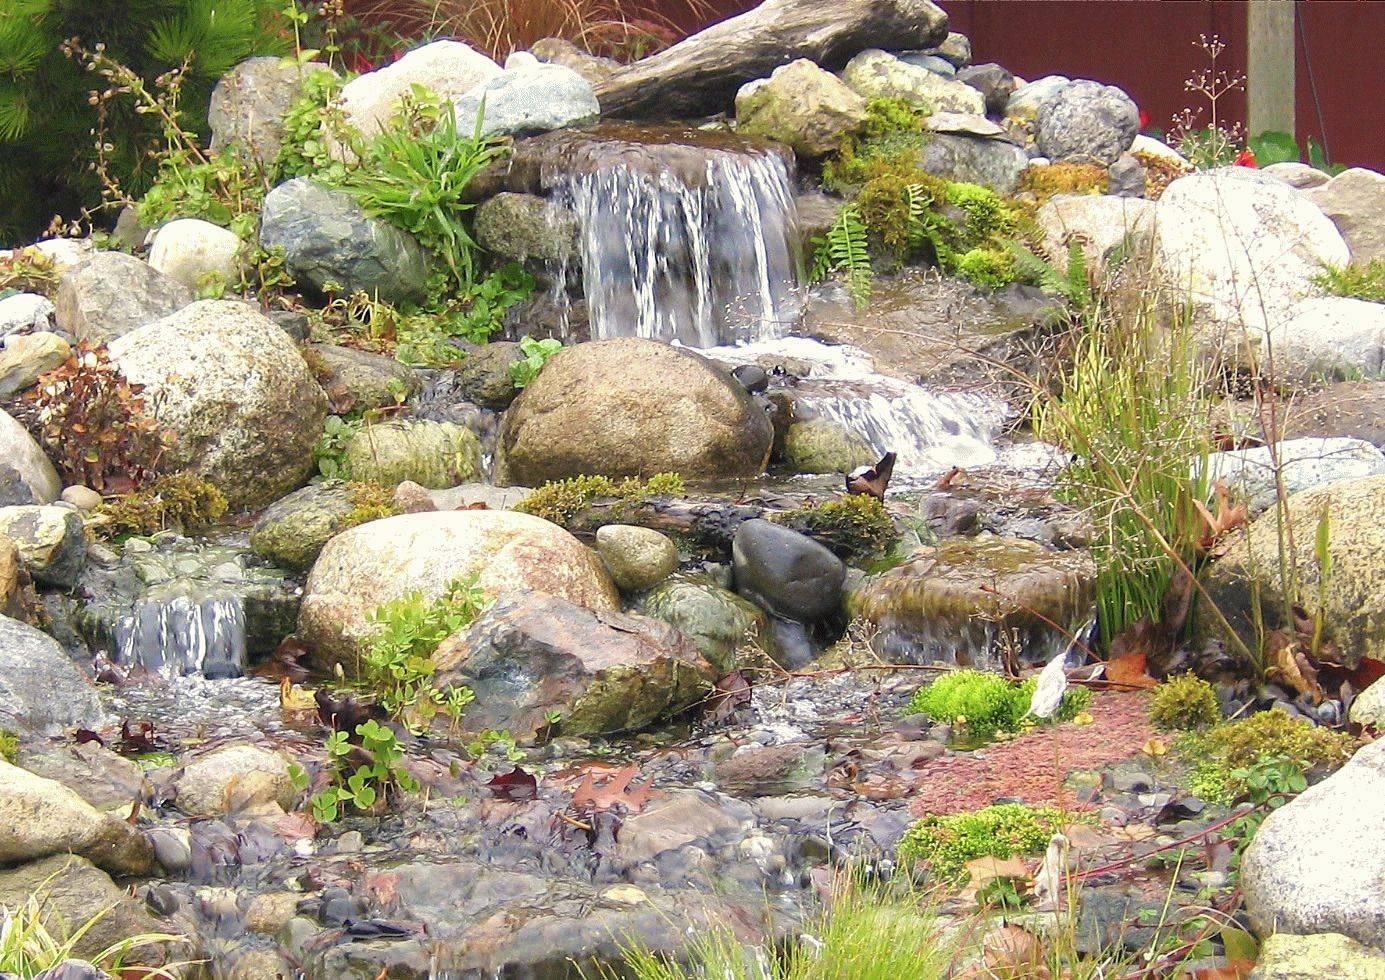 Как соорудить водопад на даче своими руками: идеи благоустройства территории с фото-примерами